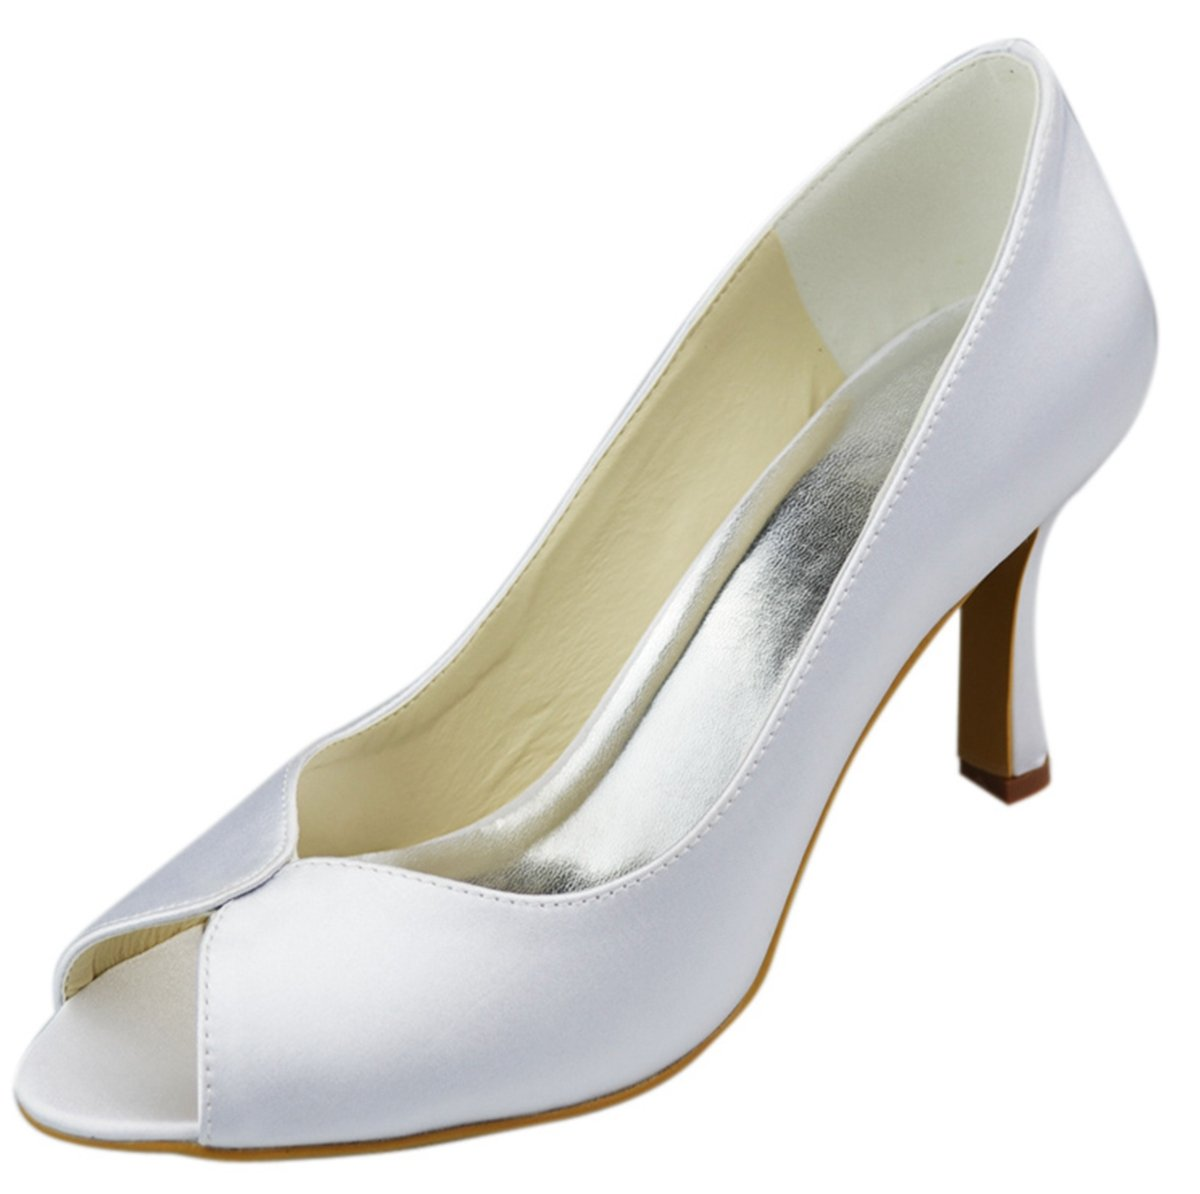 Minitoo , Blanc blanc Peep-Toe femme Blanc 1192 - blanc b7db9c5 - therethere.space